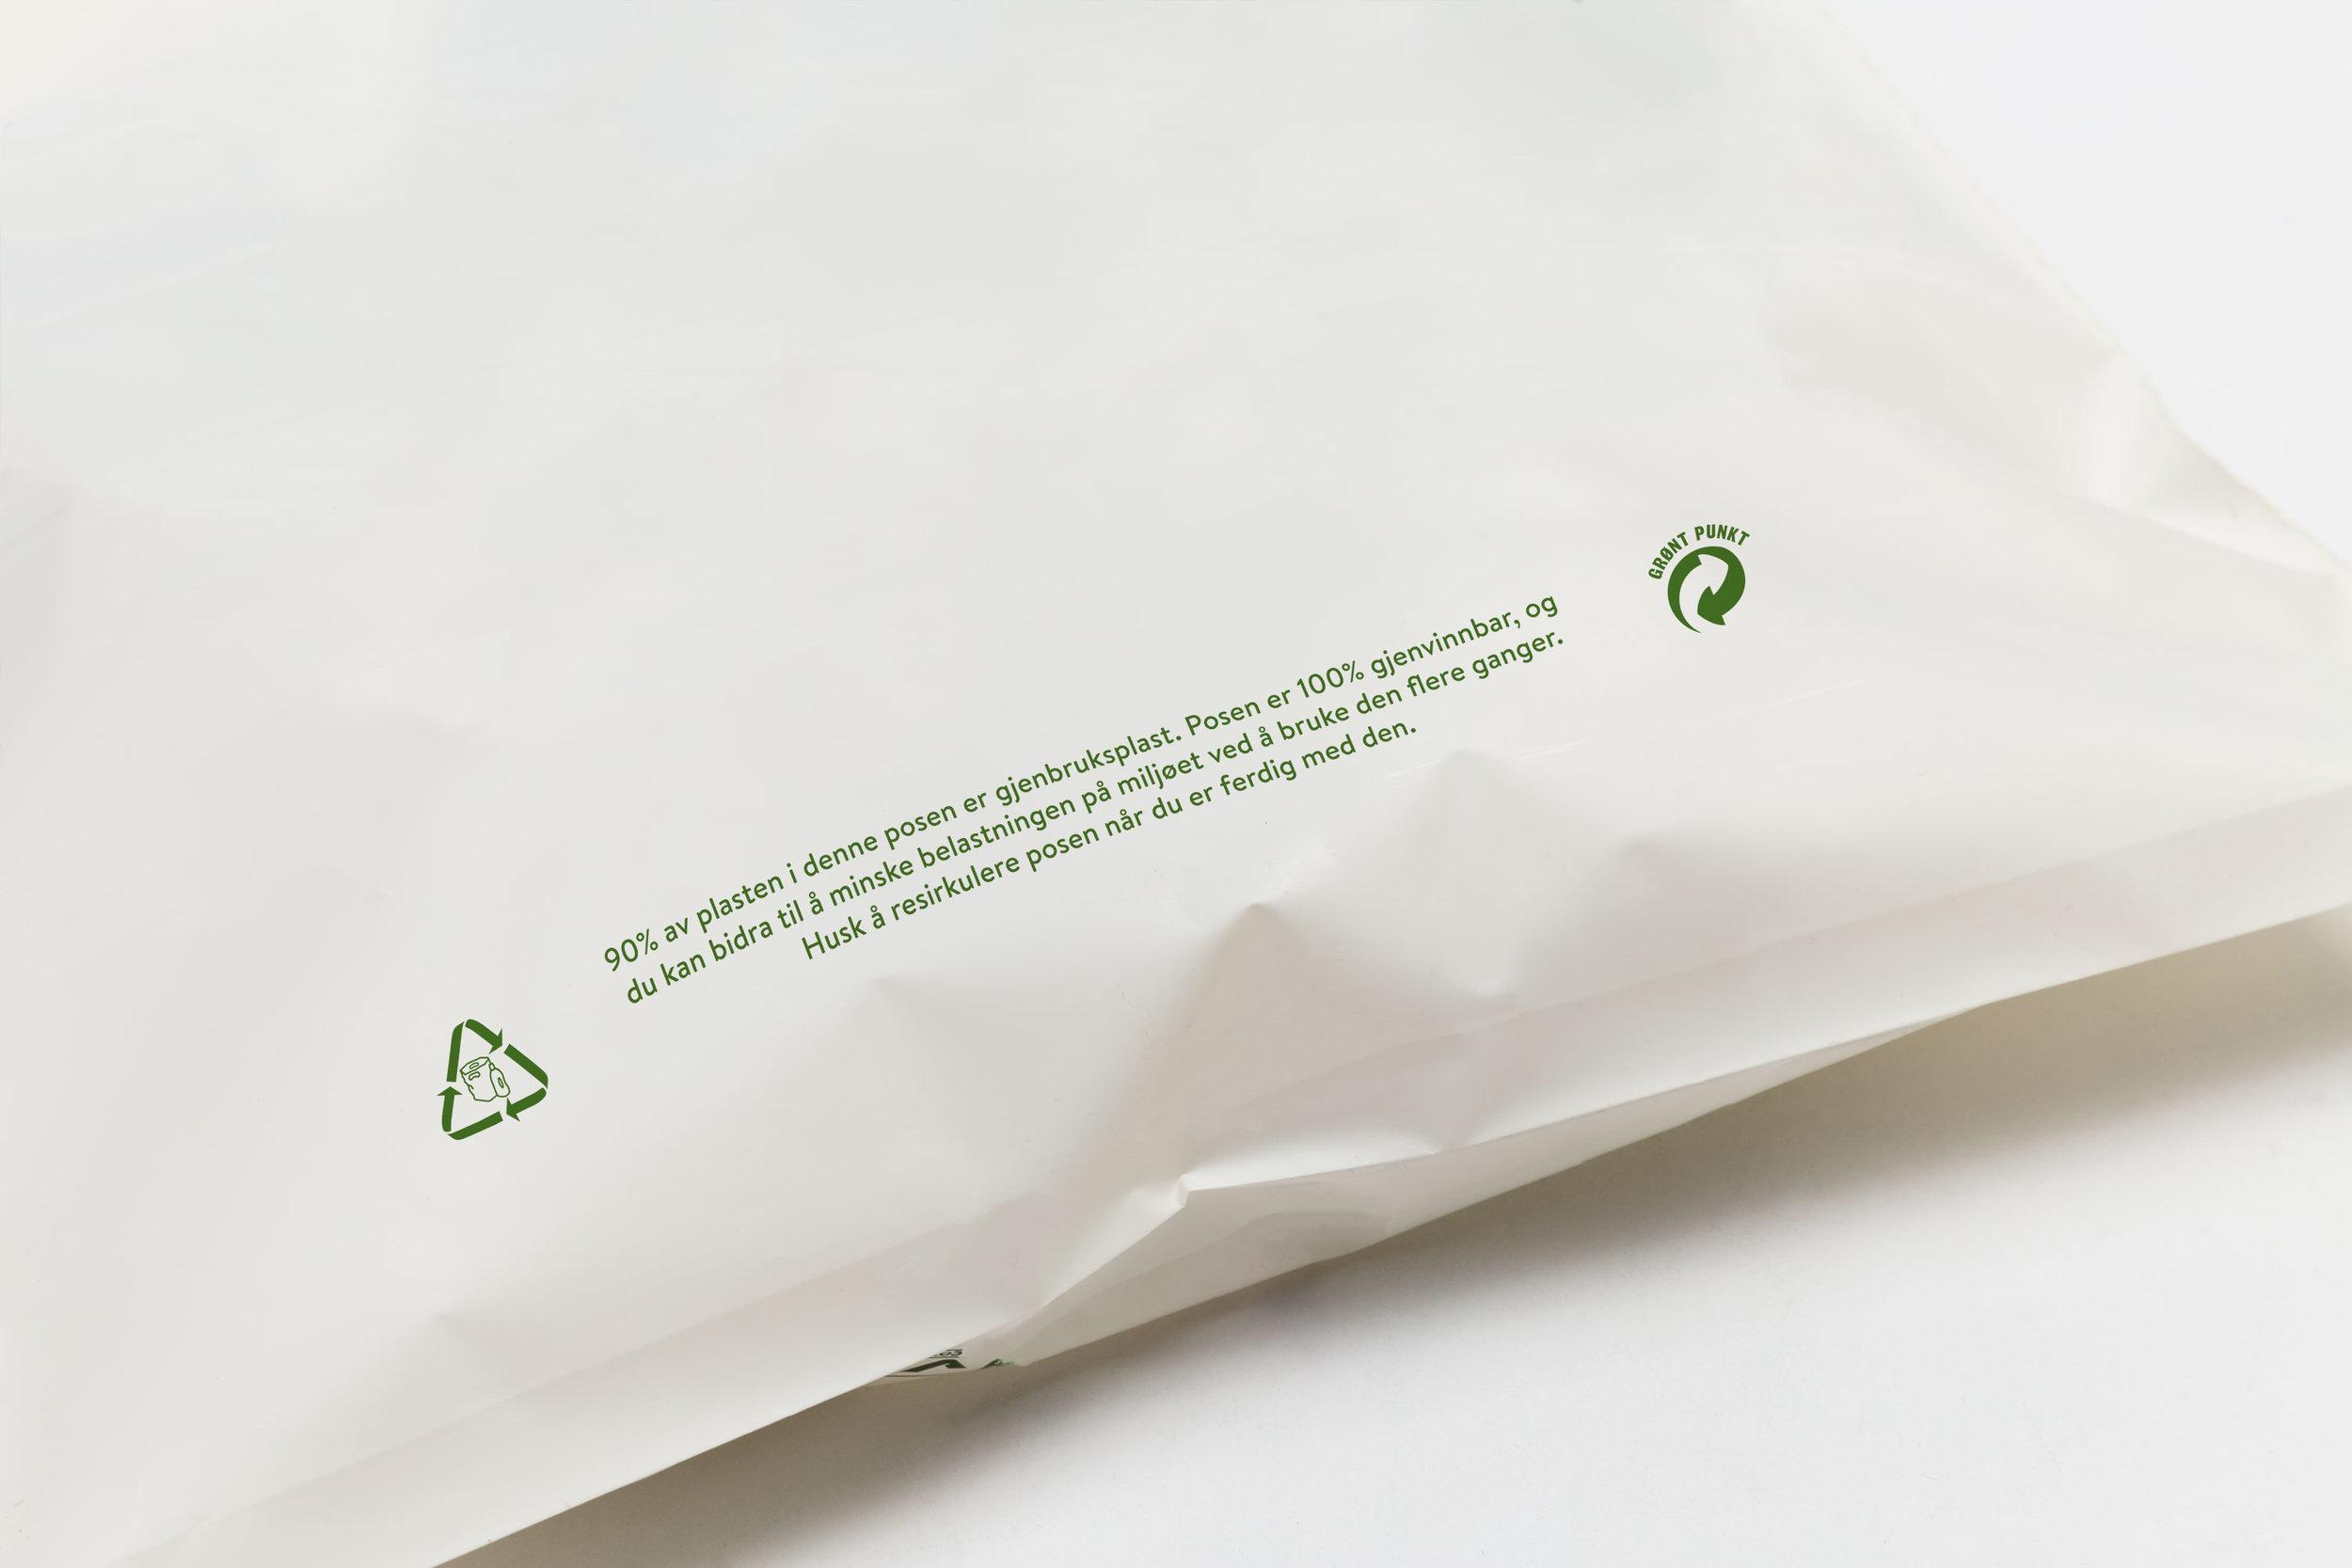 764b165e Posene ev gjenbruksplast kan påtrykkes relevant miljømerking og informasjon.  Her kan man enten ha logoer